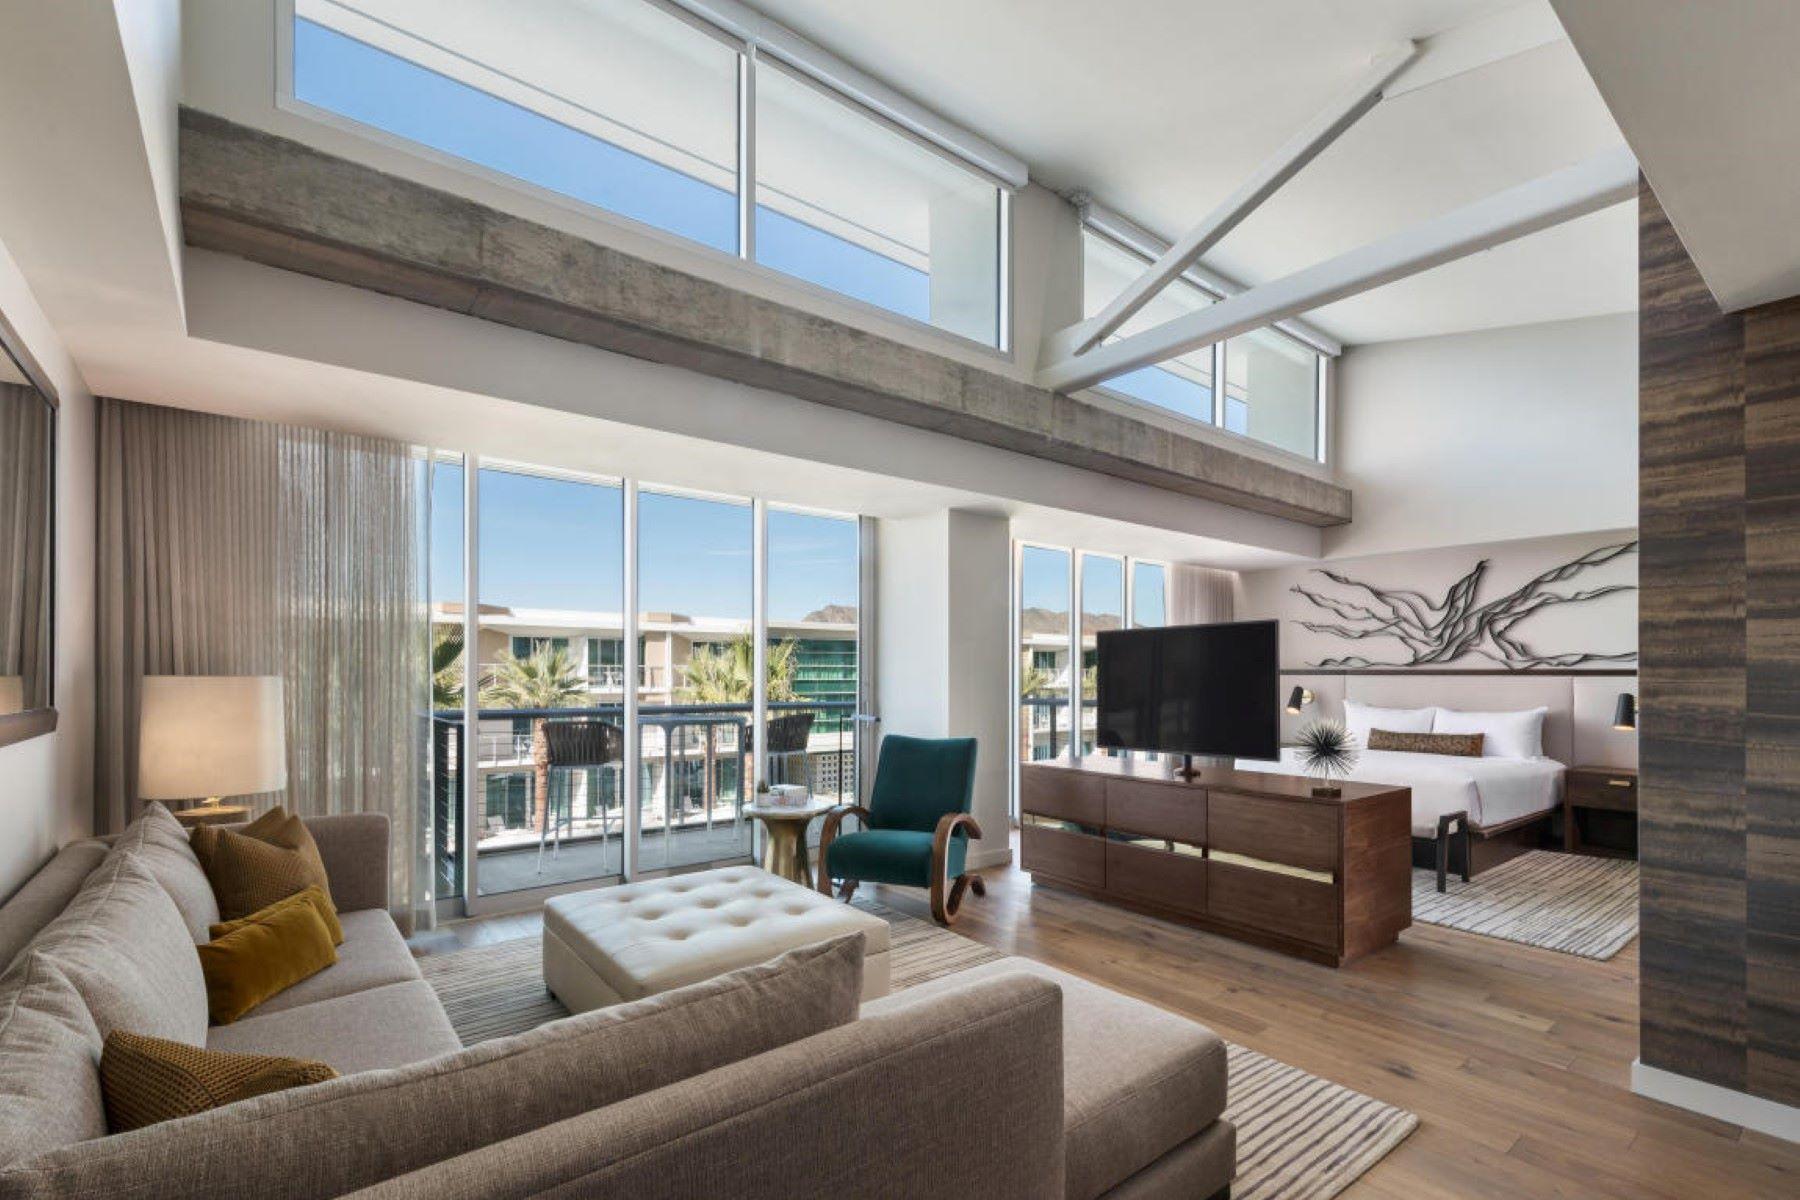 公寓 為 出售 在 Exclusive lifestyle Awaits 5455 E LINCOLN DR 3001, Paradise Valley, 亞利桑那州, 85253 美國